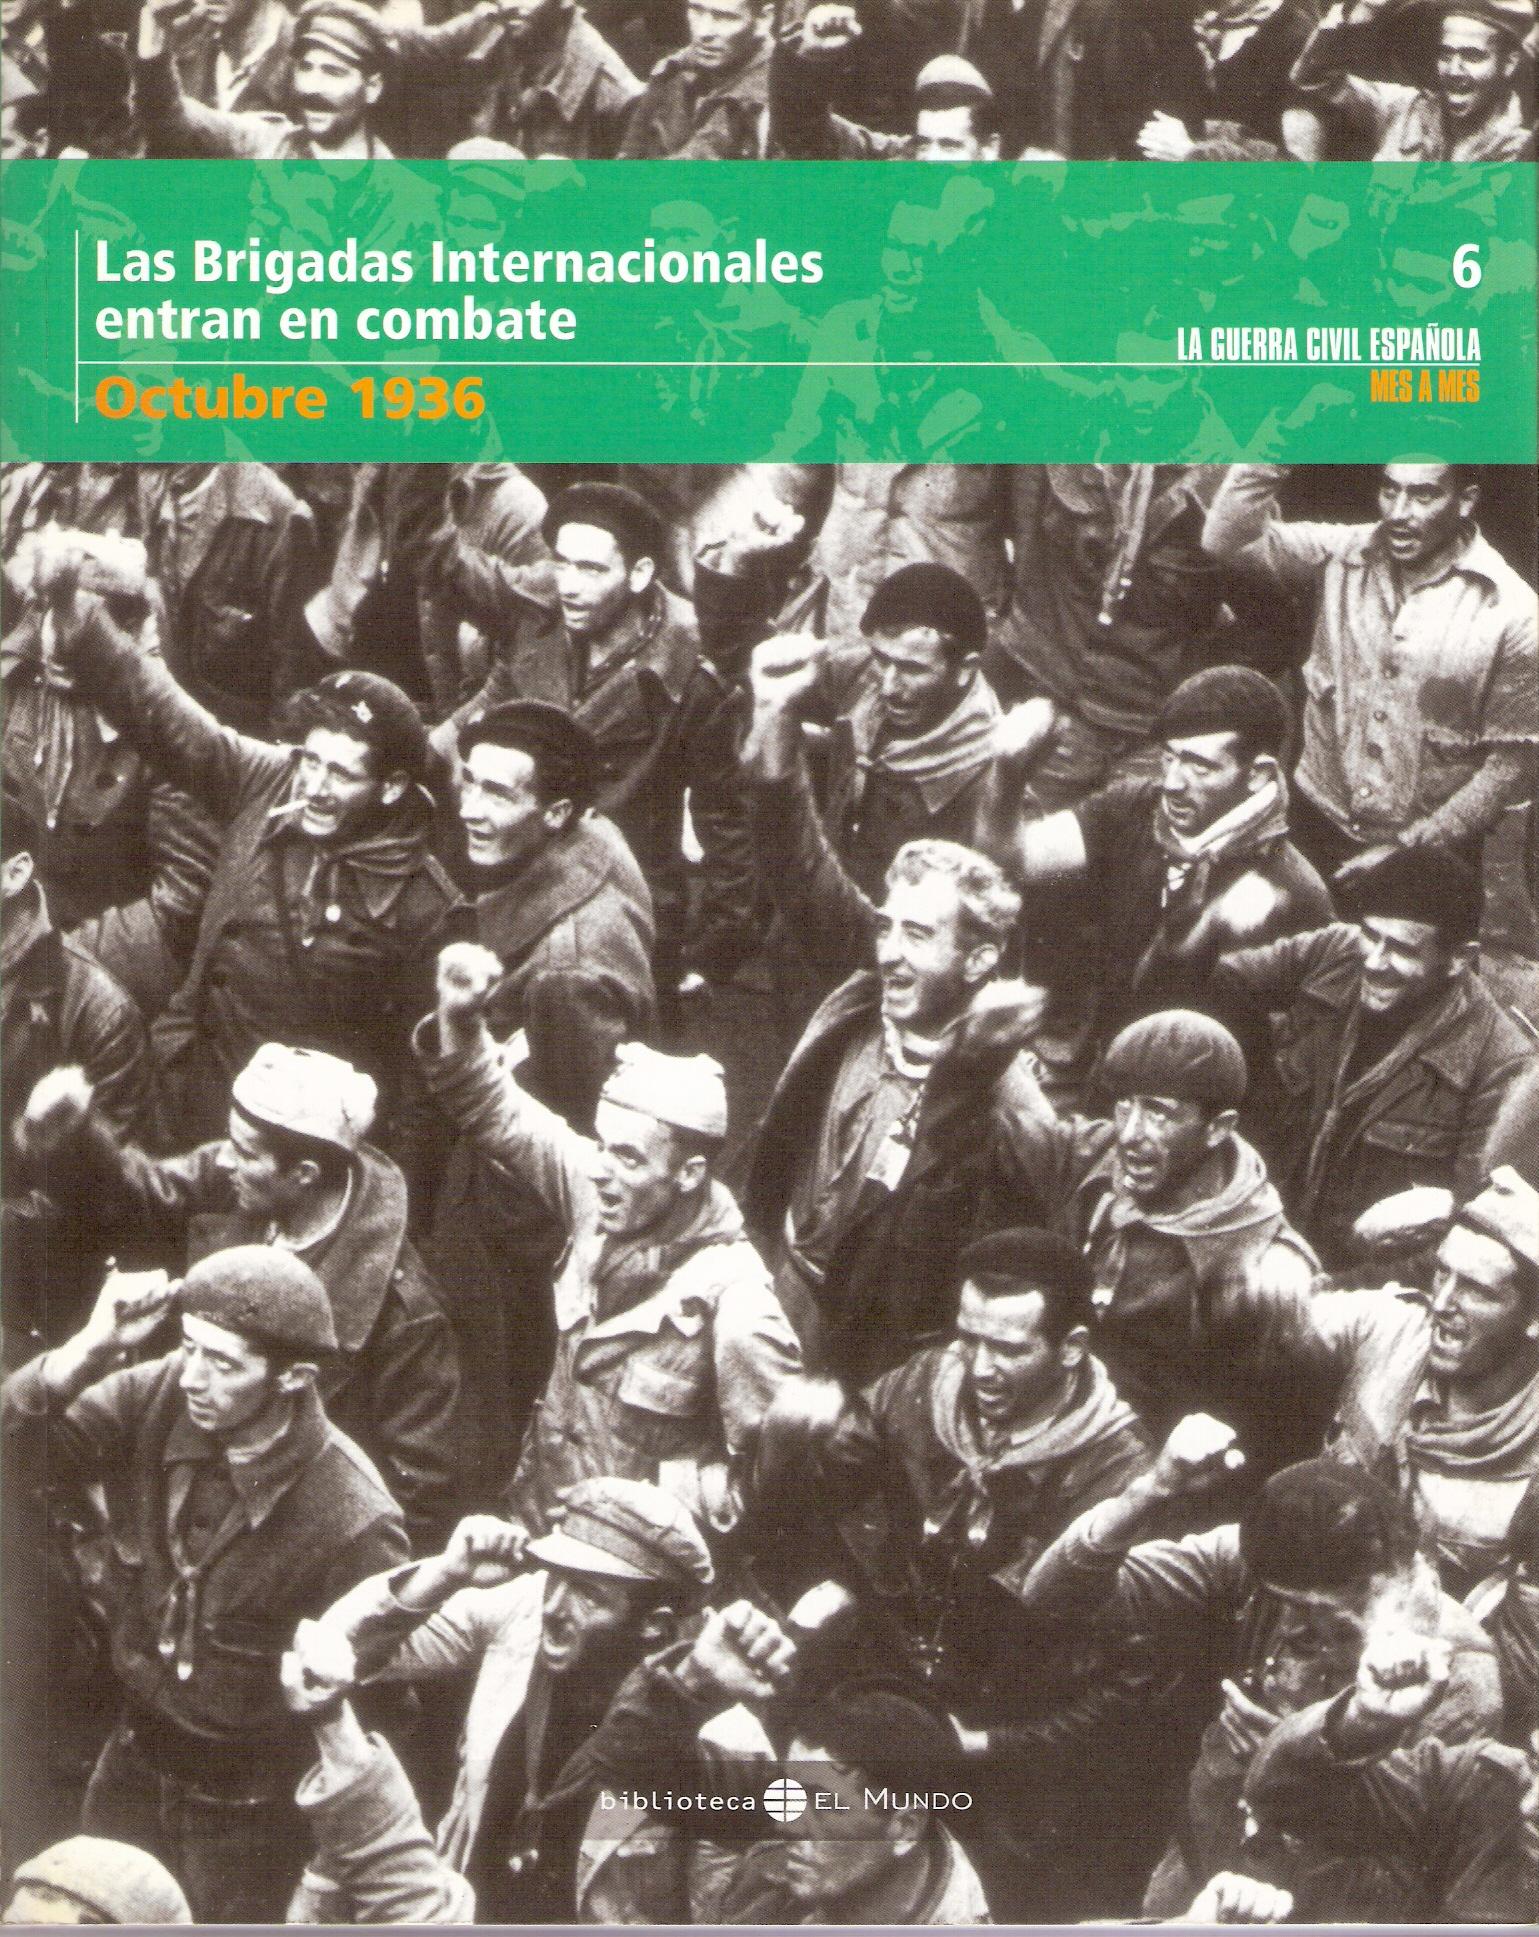 Las Brigadas Internacionales entran en combate. Octubre 1936